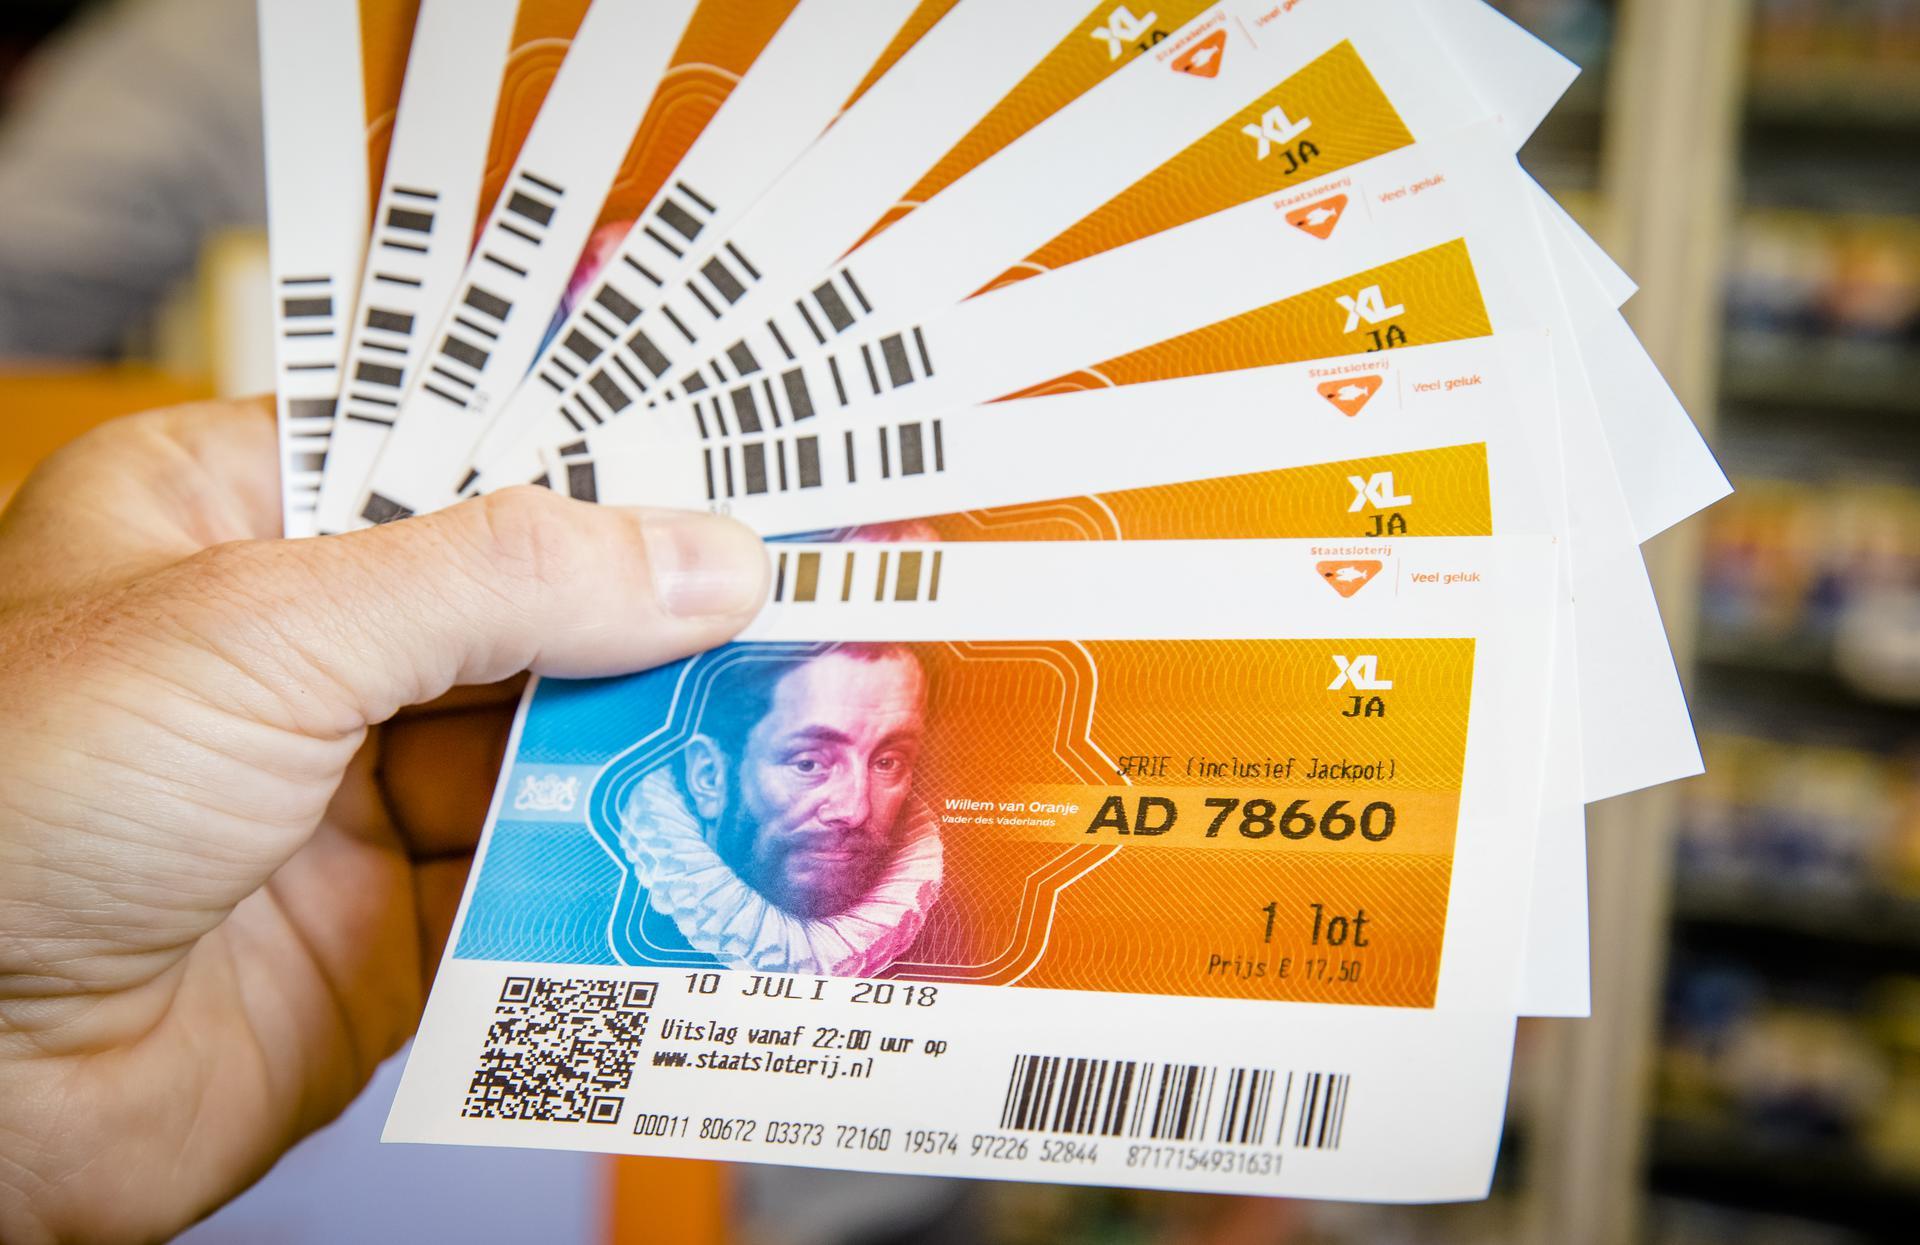 Staatslot uit Kampen blijkt 1 miljoen euro waard